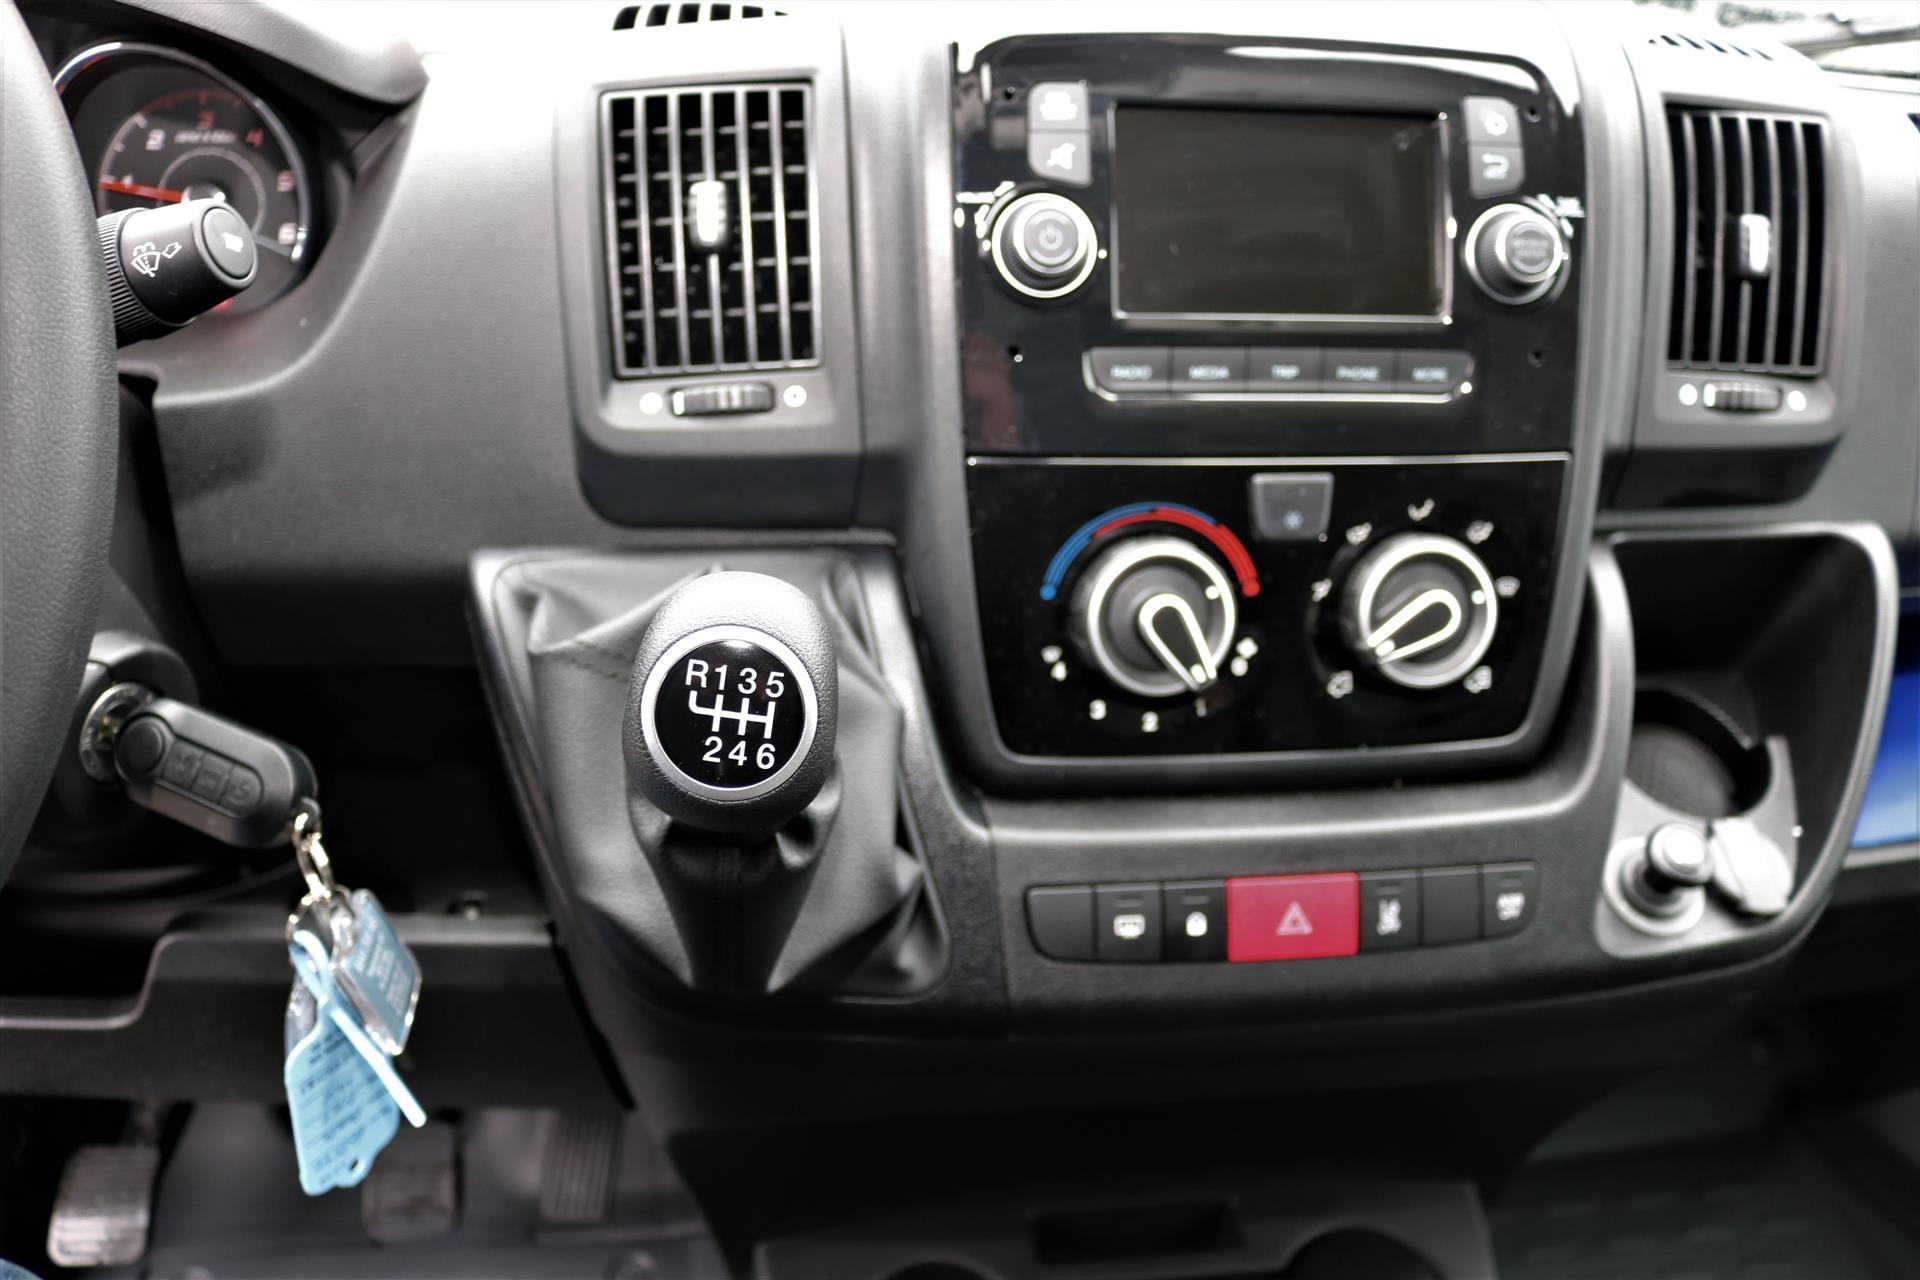 Billede af Fiat Ducato 35 L3H2 2,3 MJT Professional Plus 140HK Van 6g